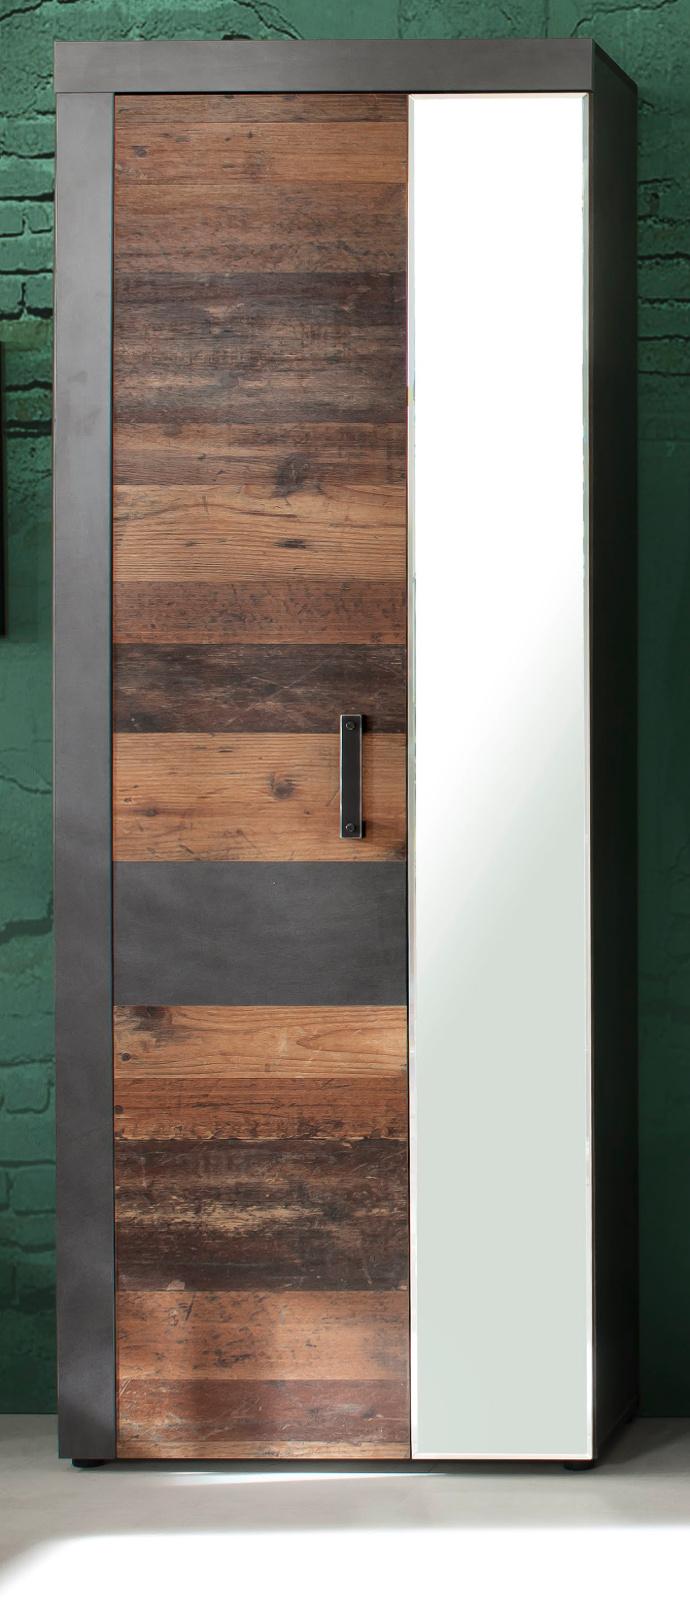 garderobenschrank garderobe und gro er schuhschrank used wood flur schrank indy ebay. Black Bedroom Furniture Sets. Home Design Ideas